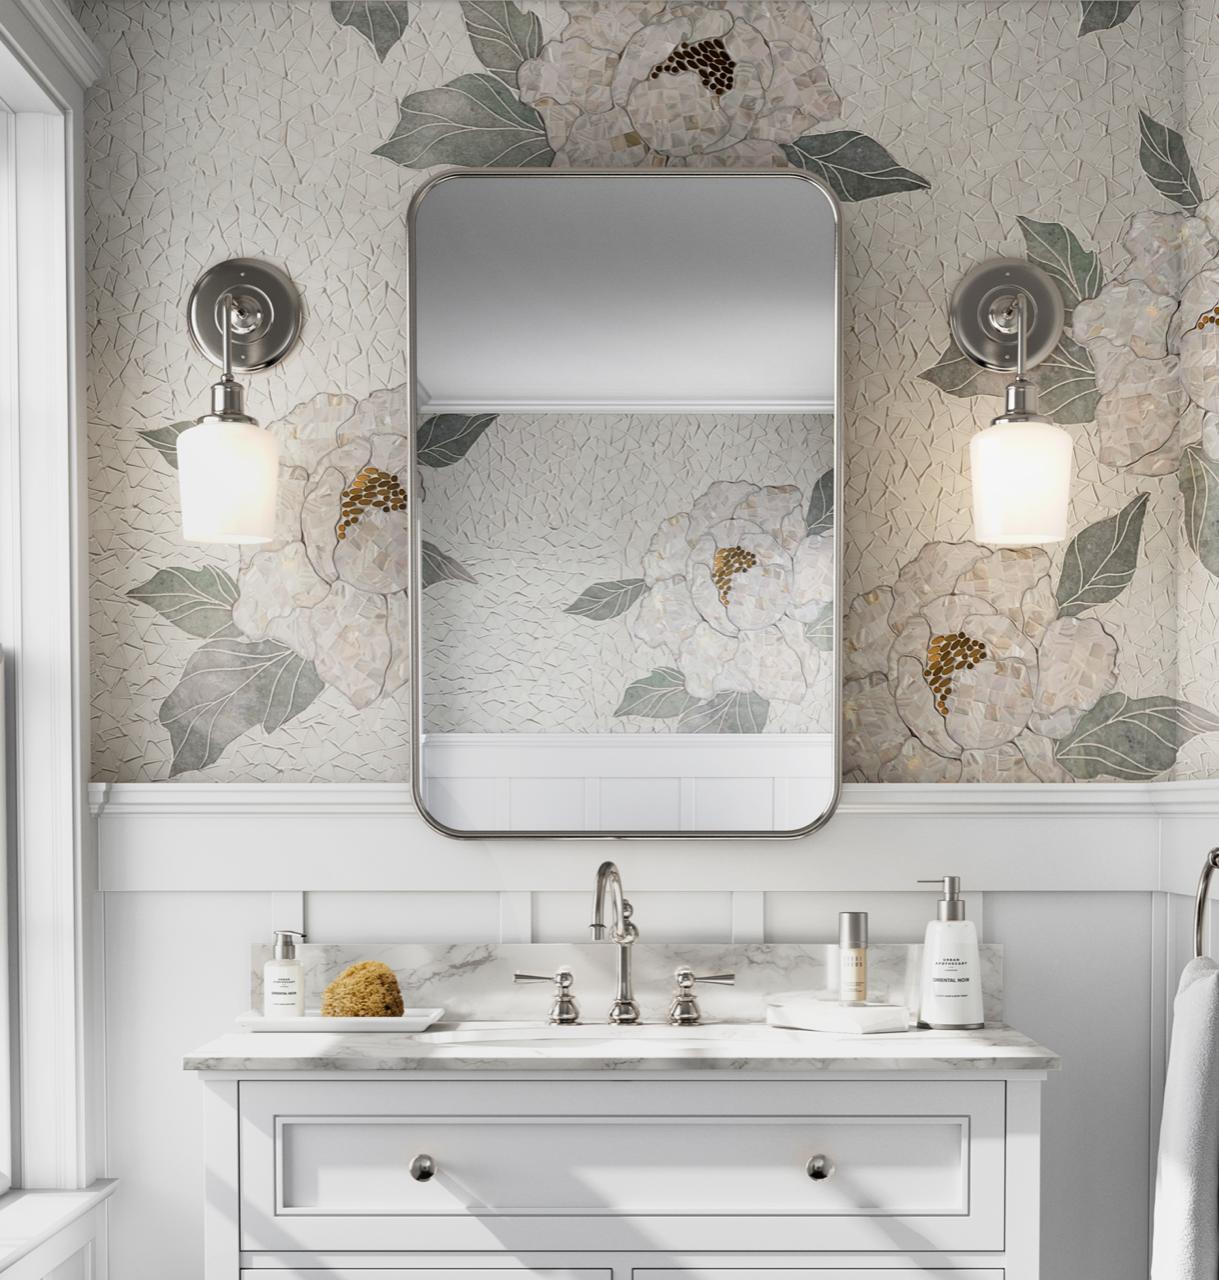 Flora Mosaic - Bathroom Insatll